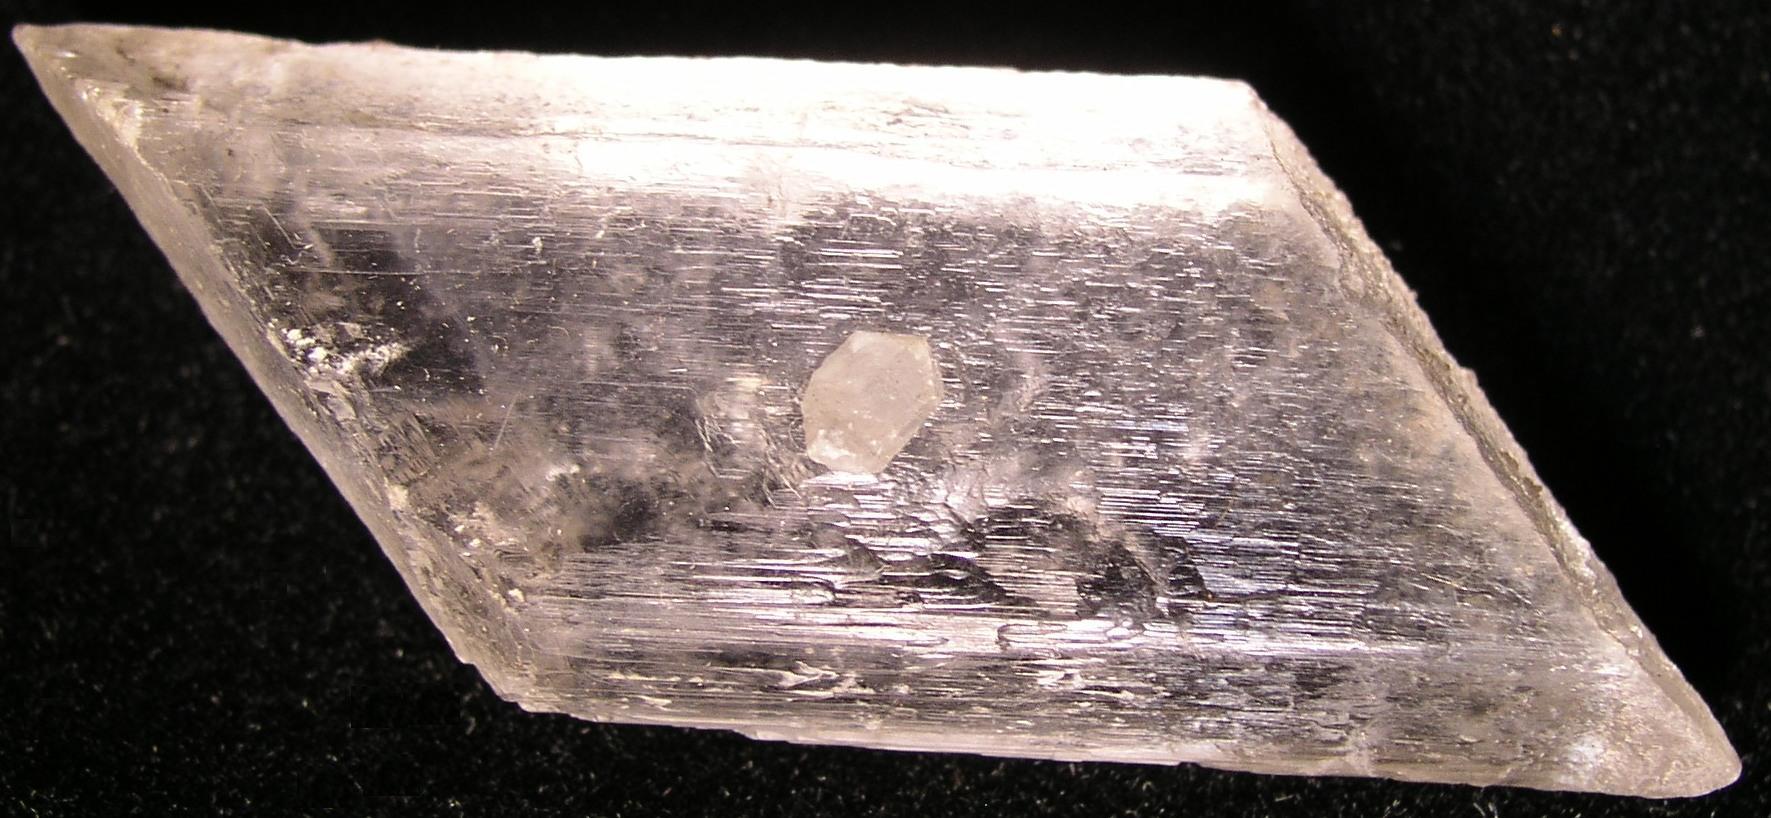 Intergrown Crystals